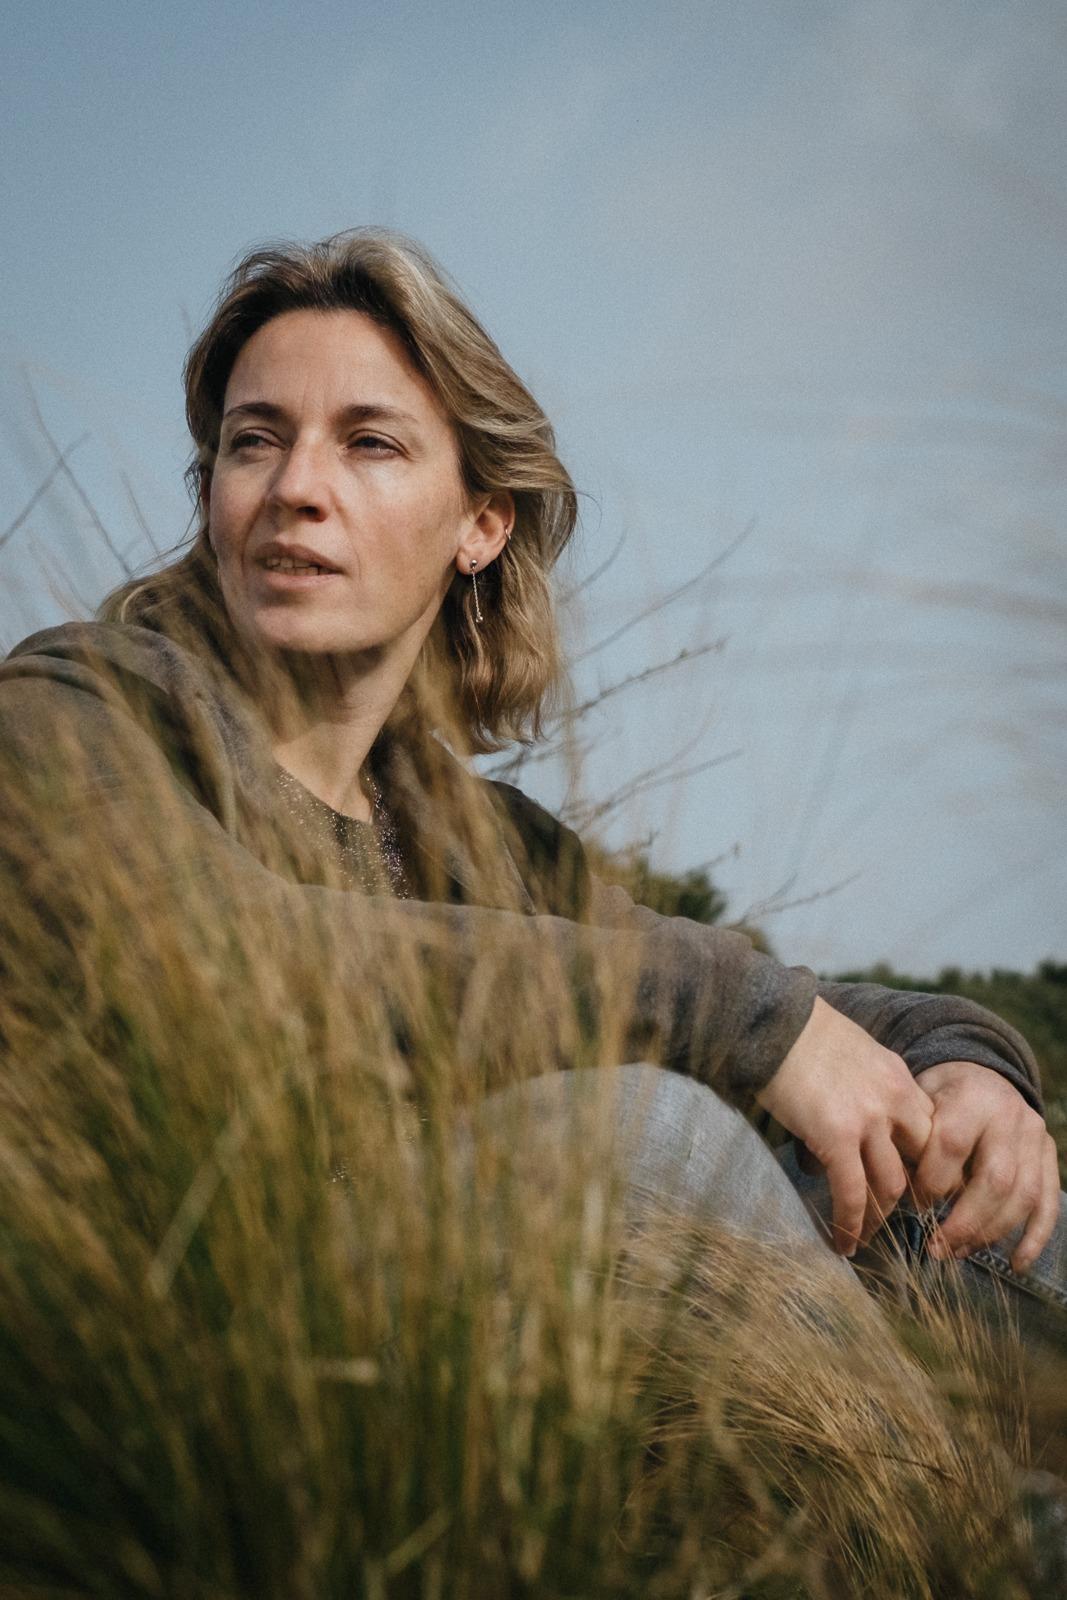 Woman sitting in a dune marbella beach Barcelona solo portrait picture by Pauline Mattia